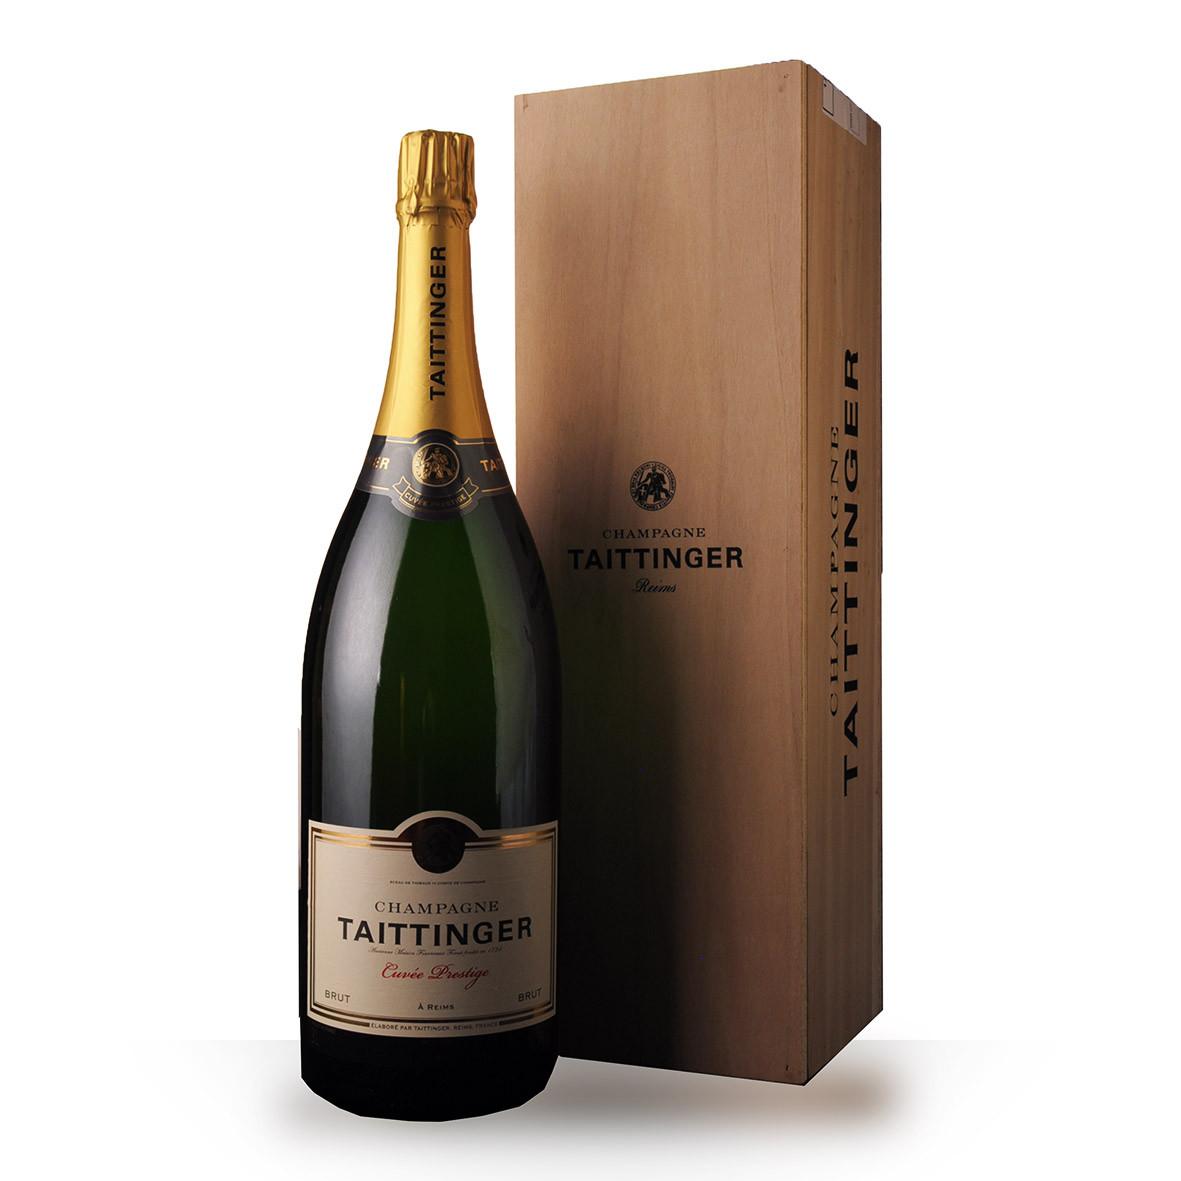 Champagne Taittinger Brut Réserve 300cl Caisse www.odyssee-vins.com